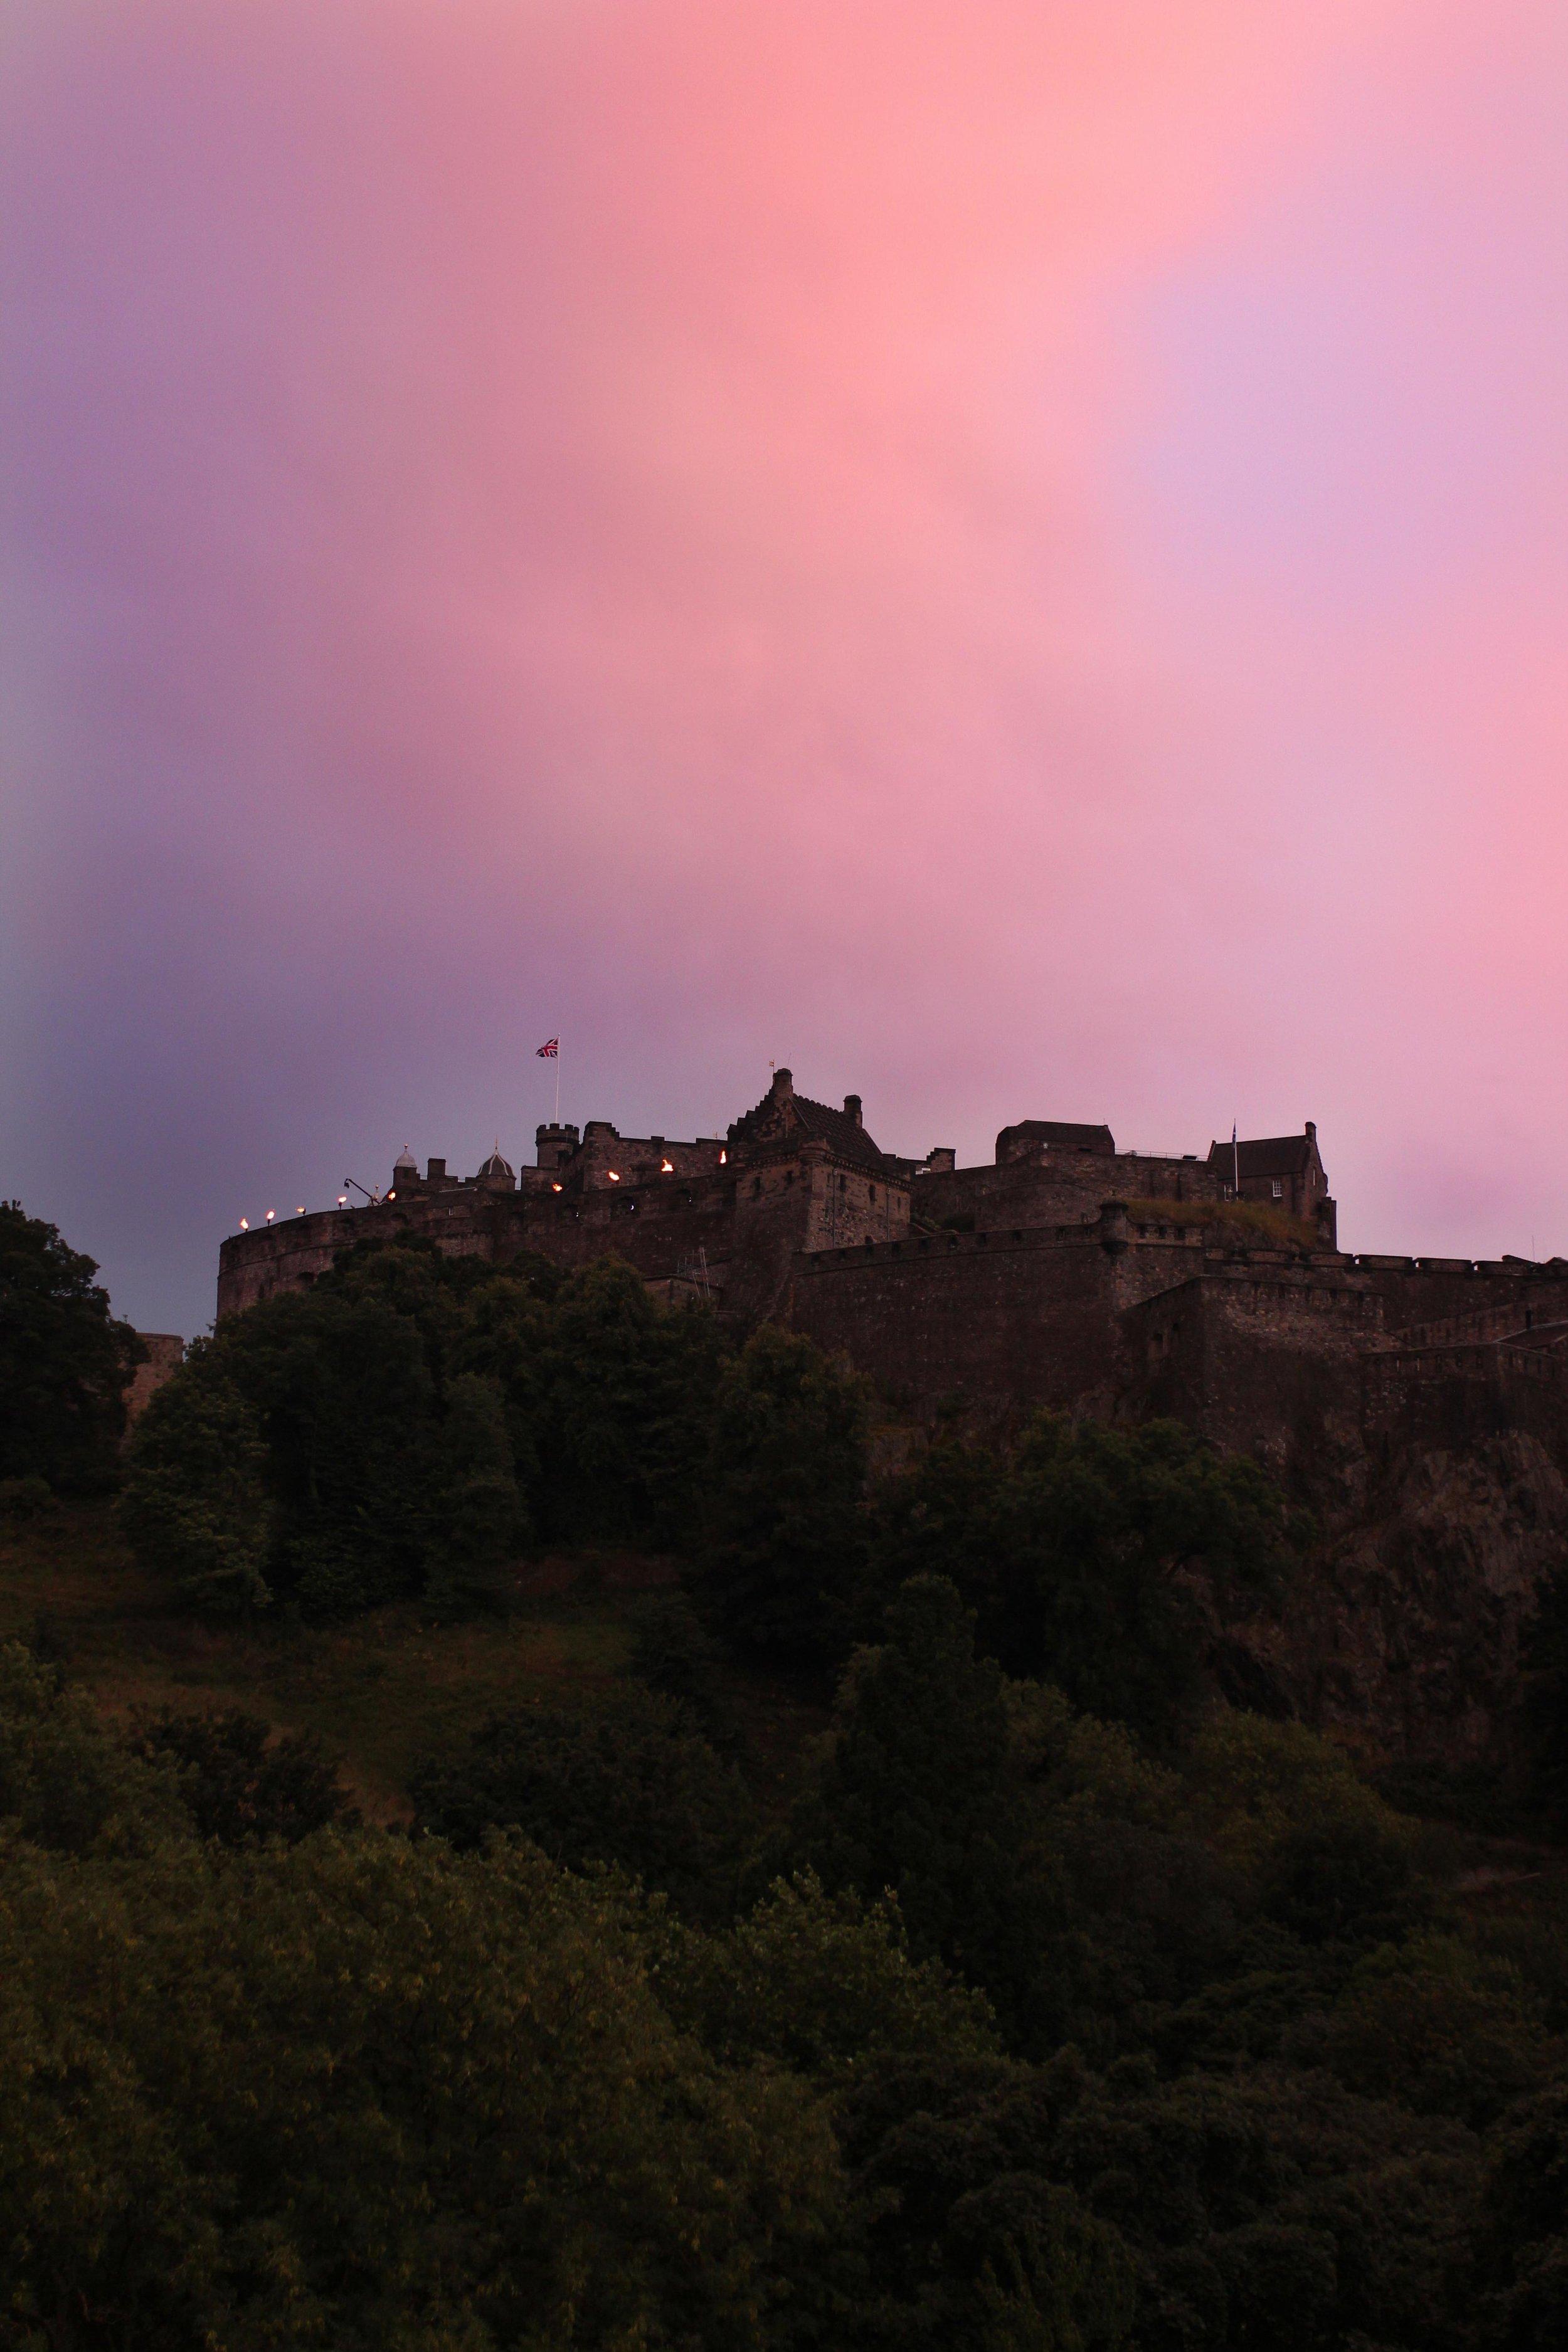 IMG_5013-pink-sky.jpg